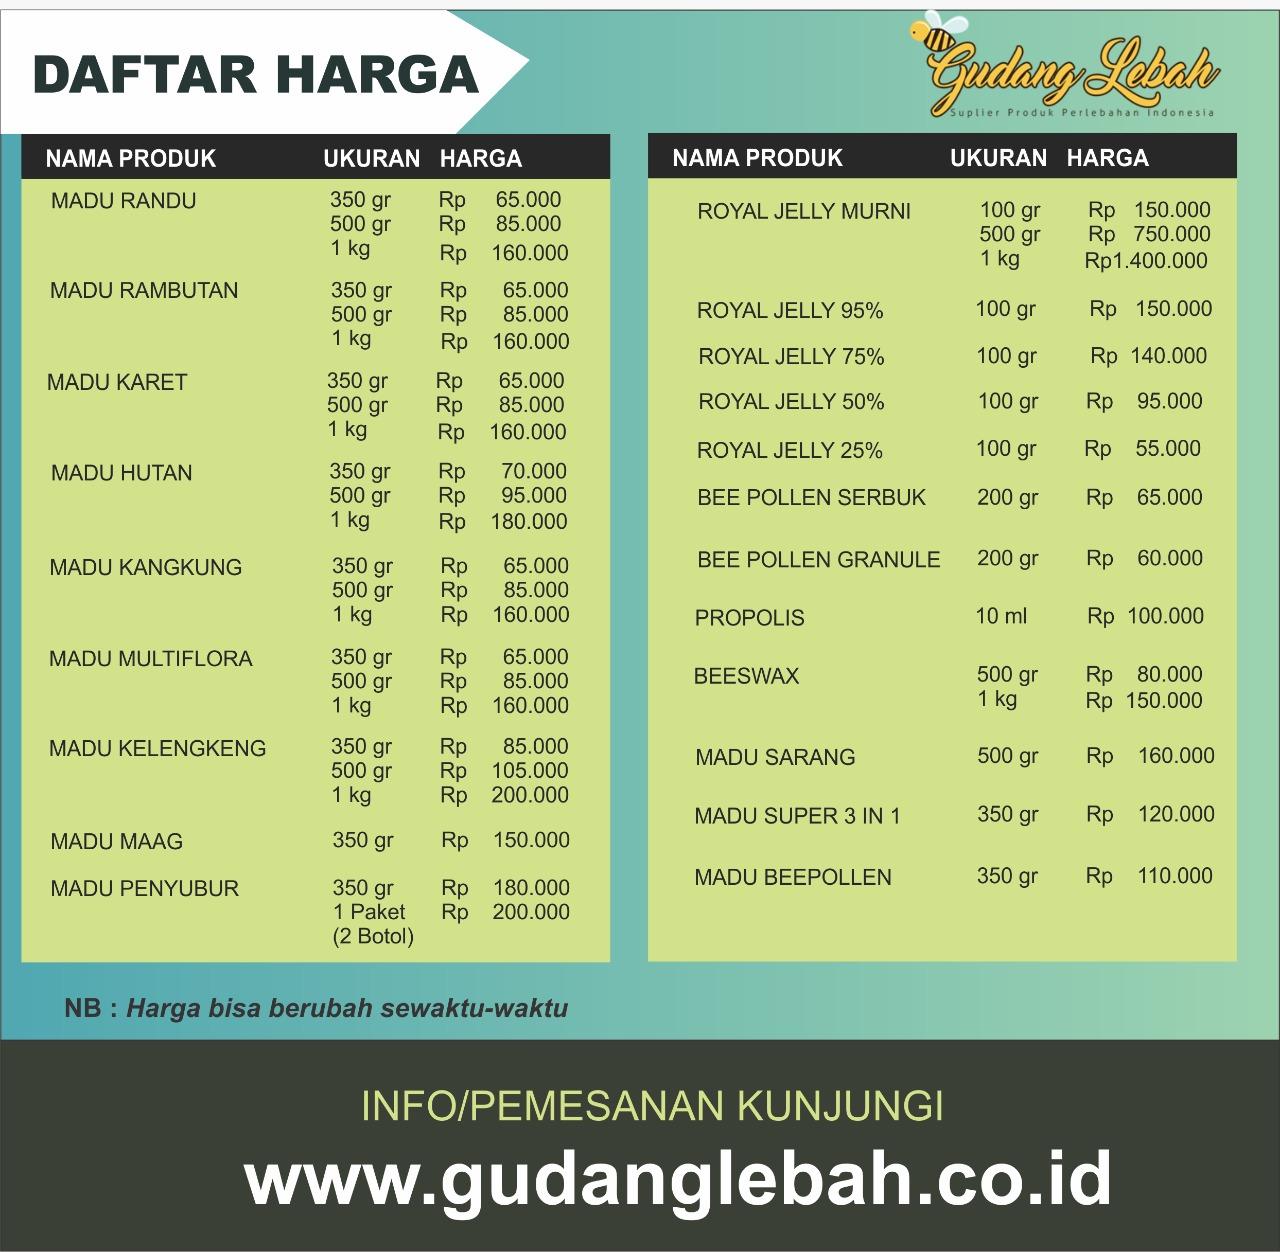 DAFTAR HARGA PRODUK LEBAH INDONESIA - GUDANG LEBAH